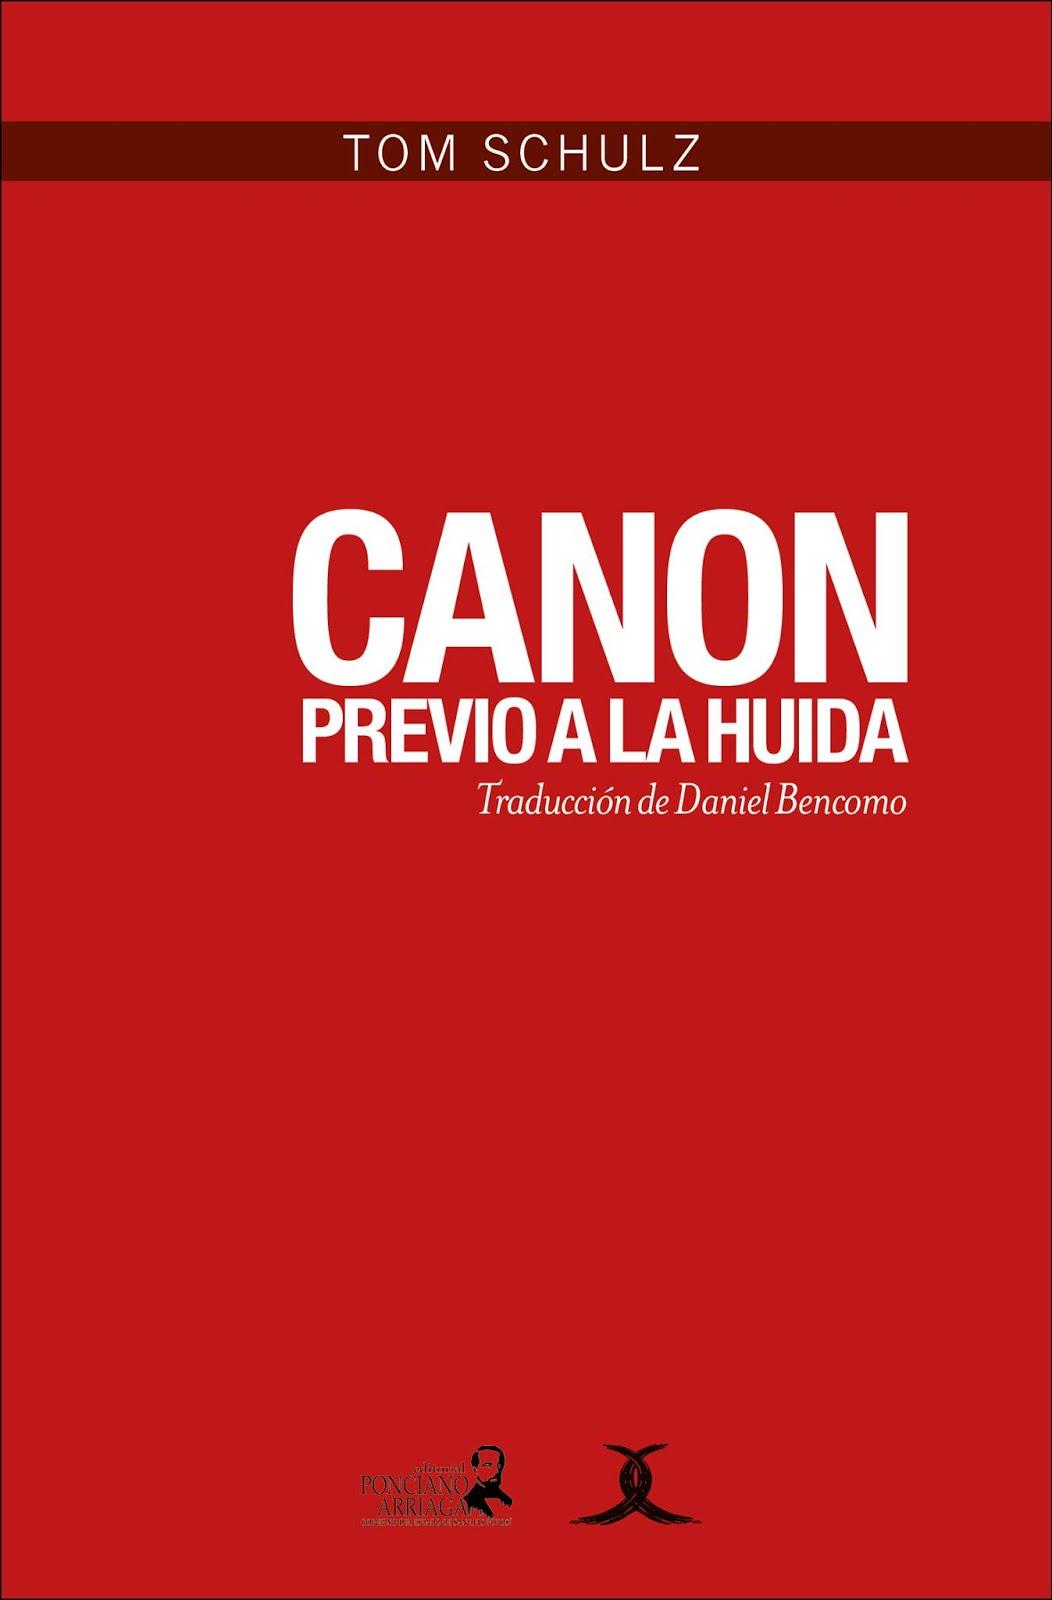 Canon previo a la huida (2015)